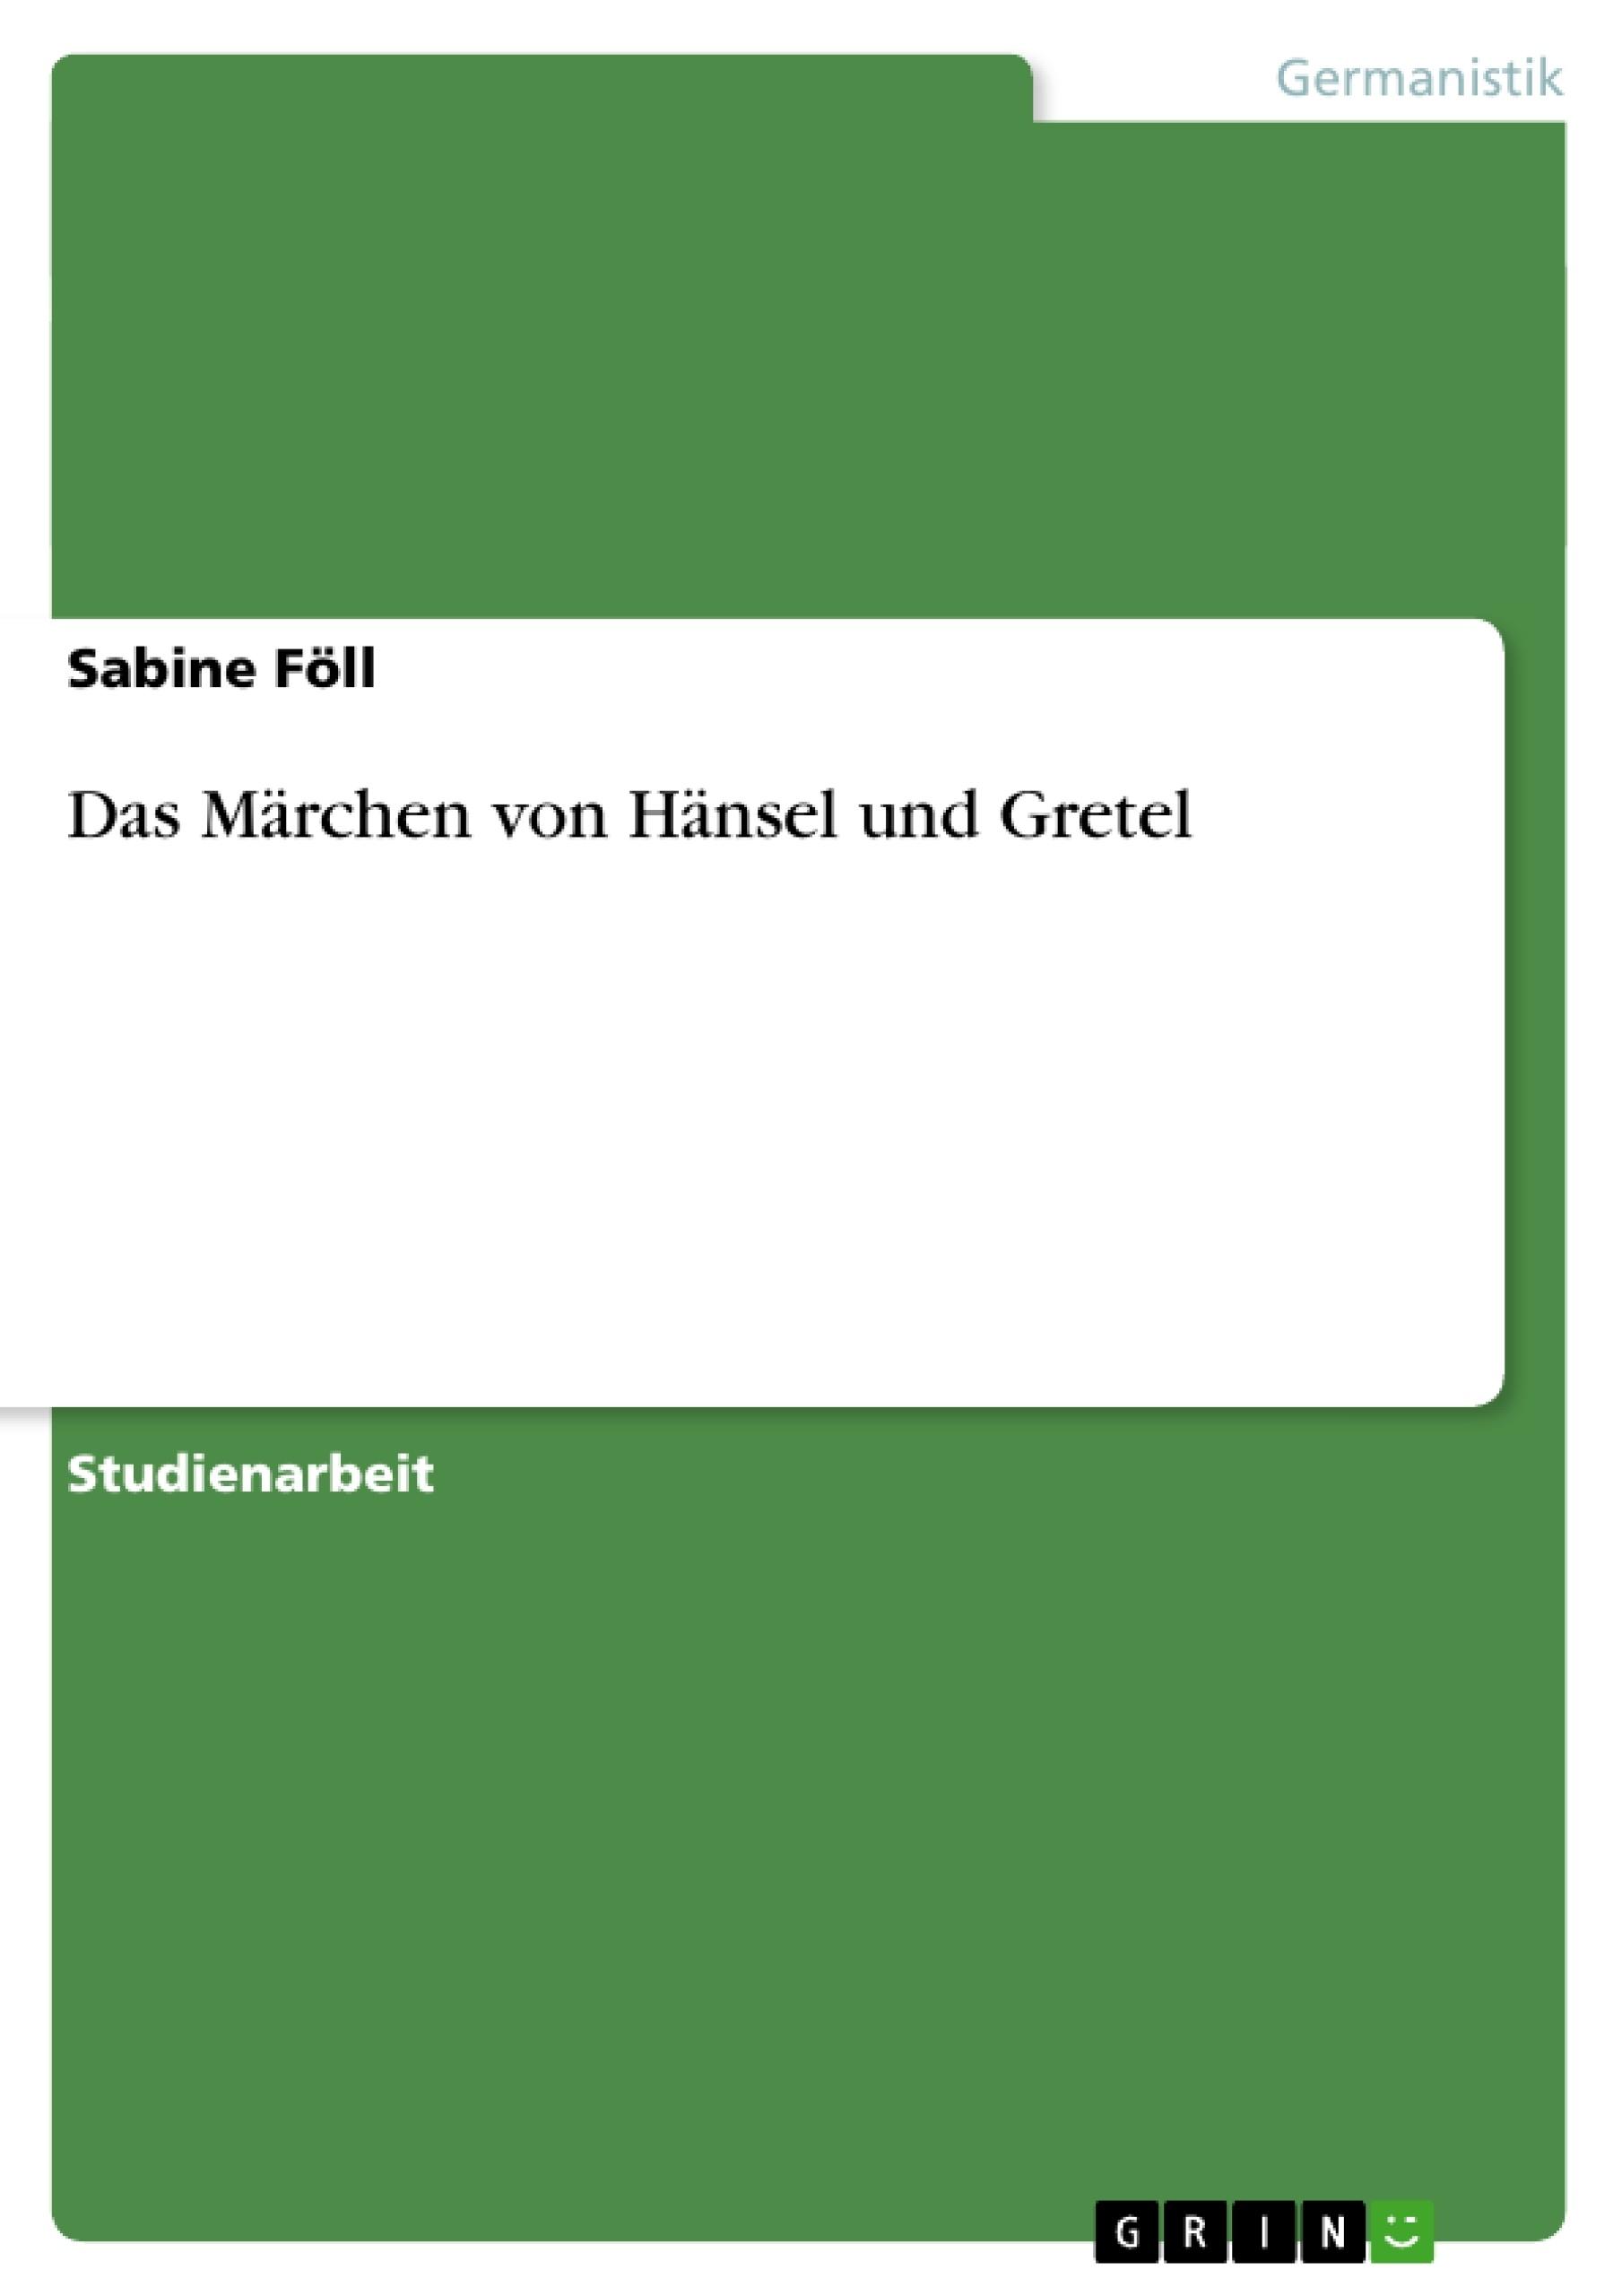 Titel: Das Märchen von Hänsel und Gretel